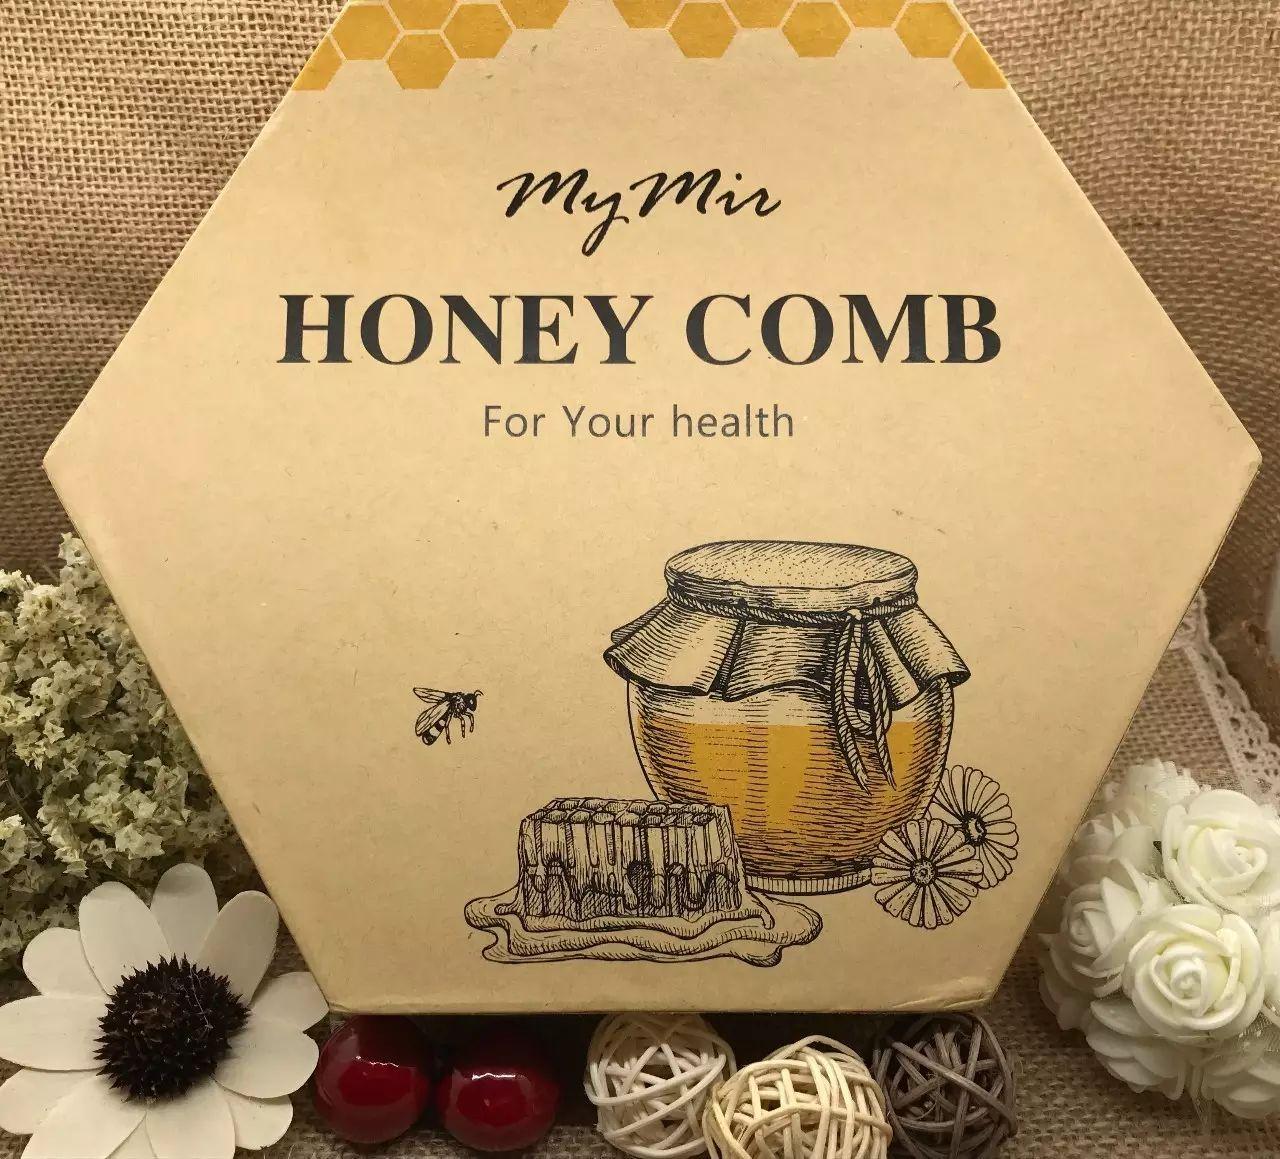 枸杞蜂蜜价格 白酒能加蜂蜜吗 蜂蜜与蚂蚁 青岛嘟真蜂蜜 蜂蜜兑中成药